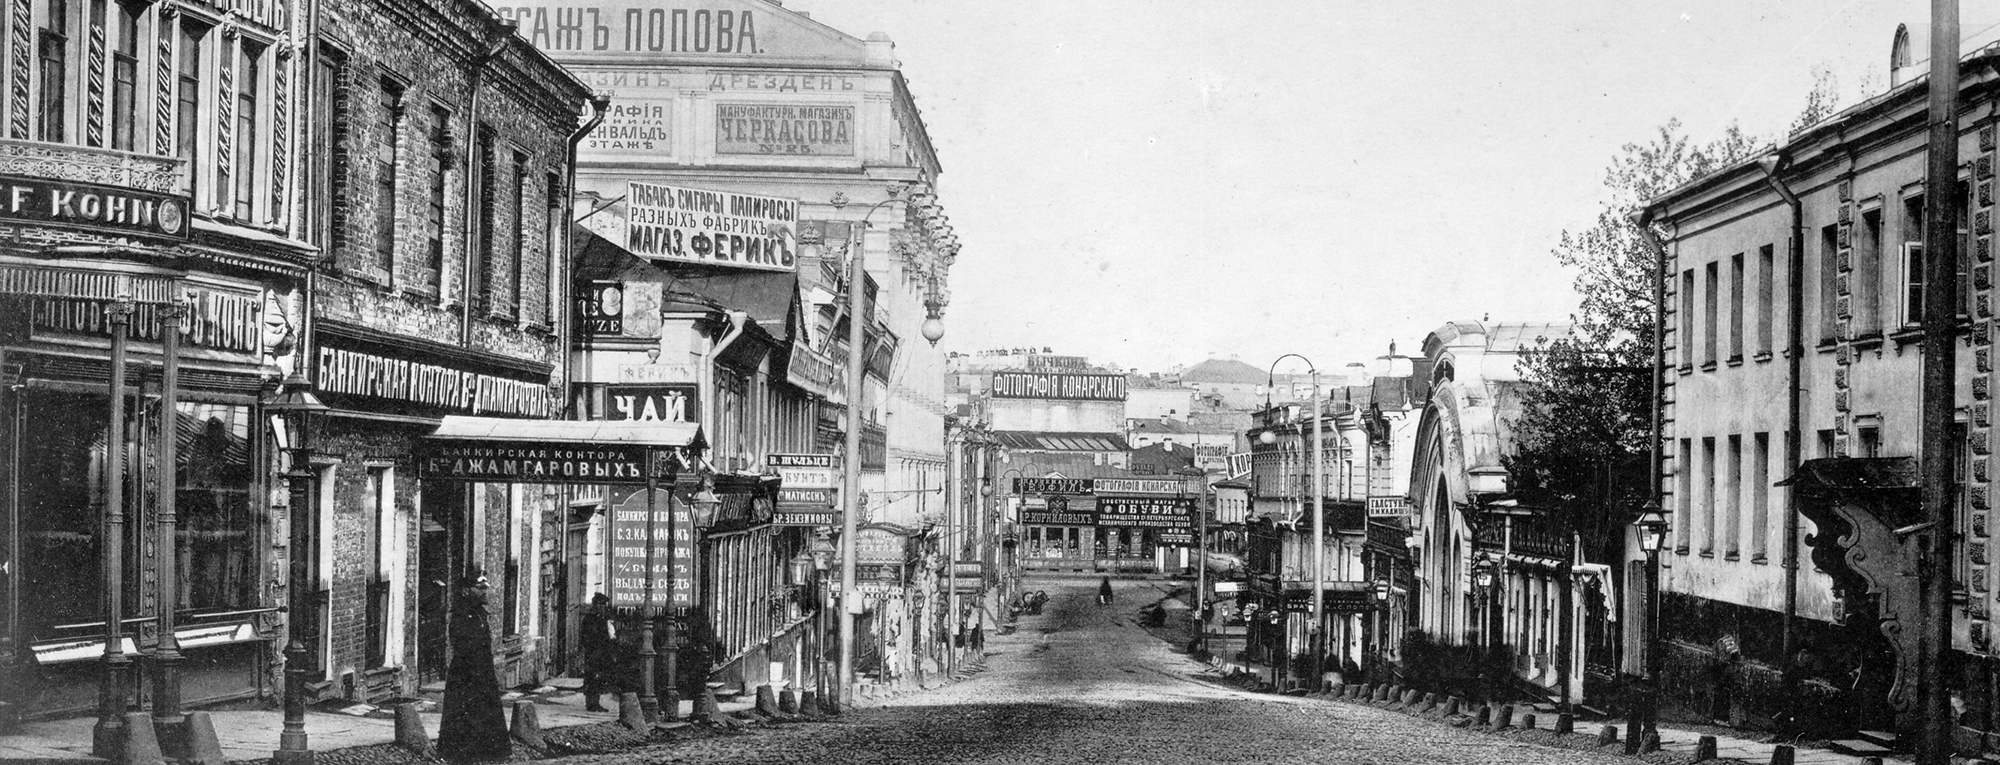 Кузнецкий мост: история в картинках